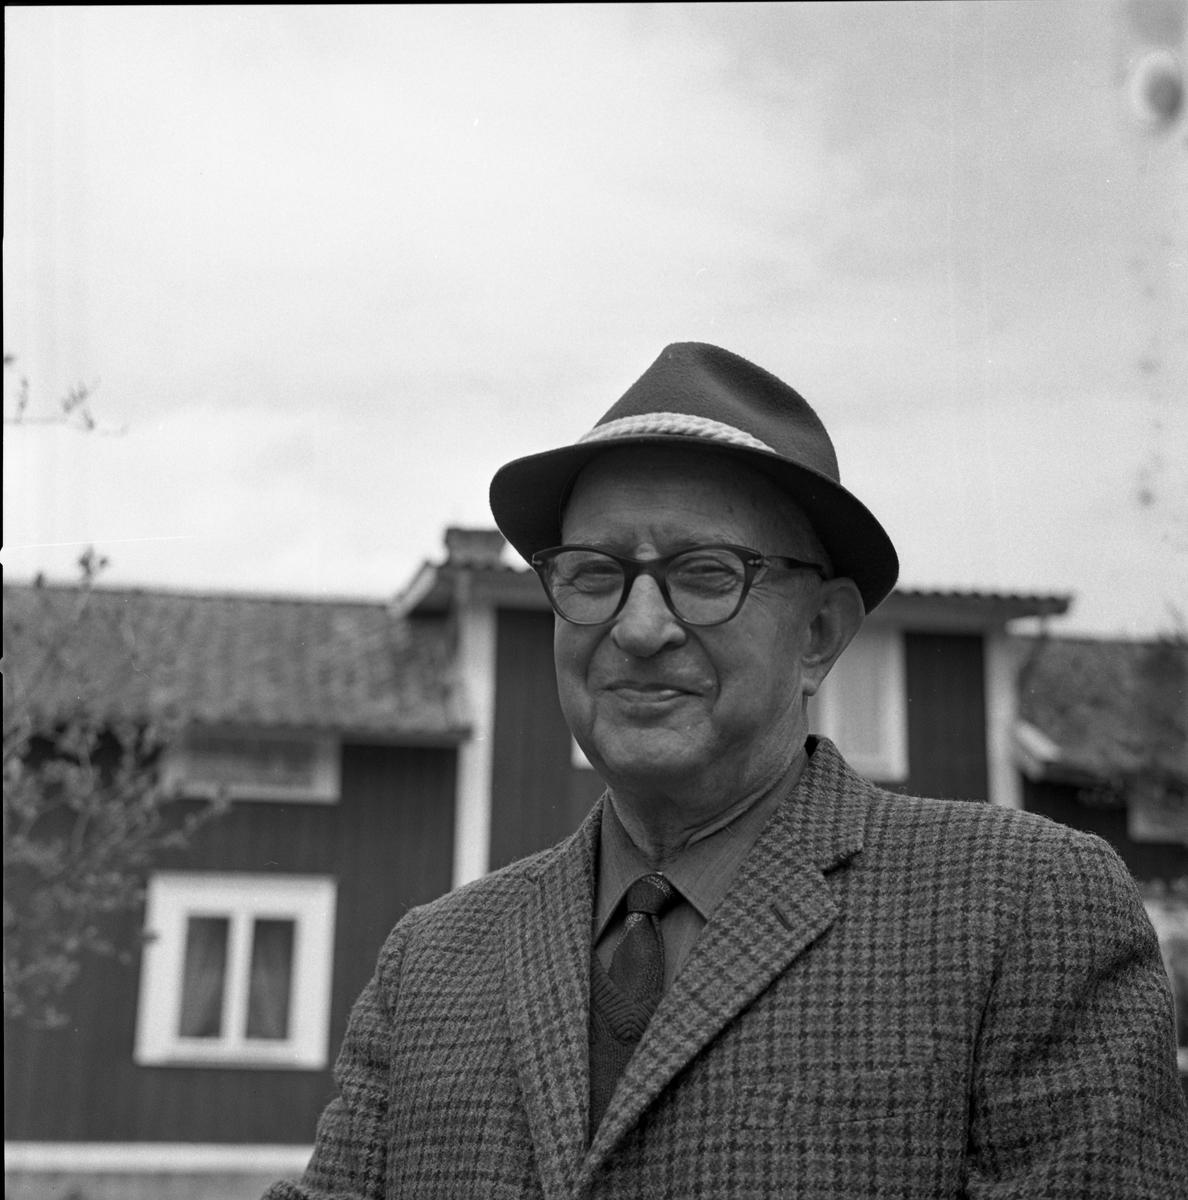 Doktor Bernhard Garsten, Medåker Porträtt av man, troligen framför sin bostad